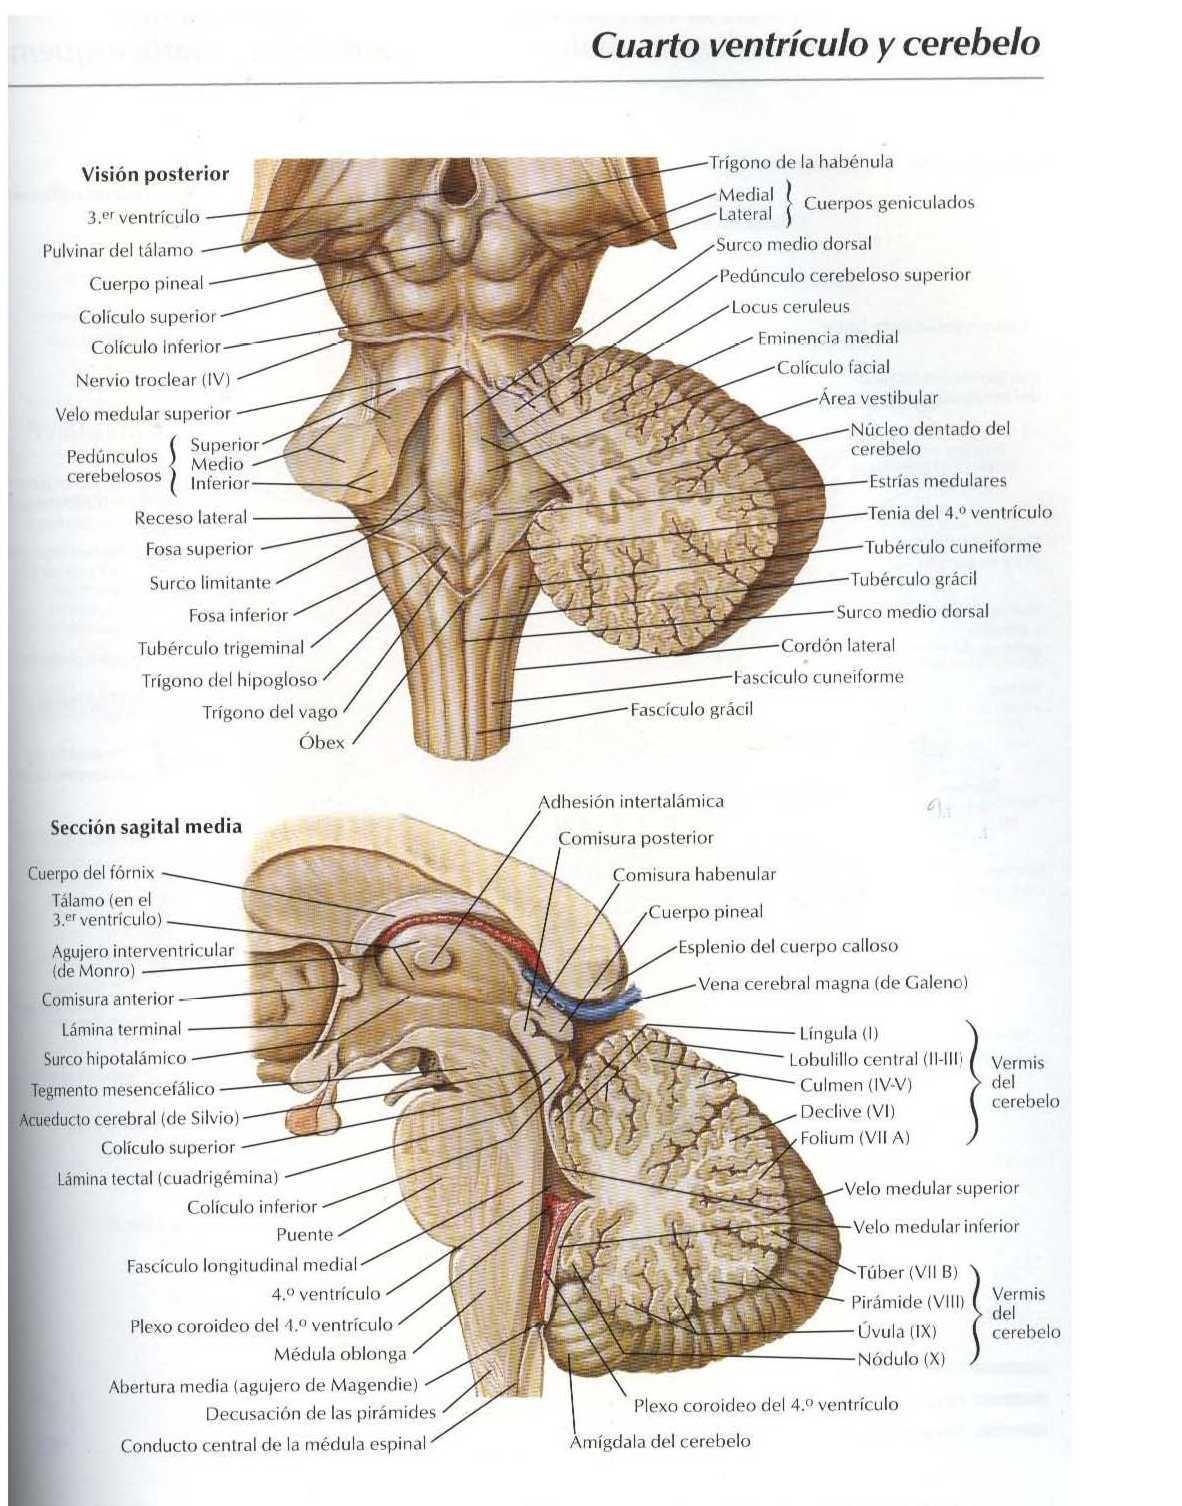 Atlas: Cuarto ventrículo y cerebelo - Salud, vida sana, la medicina ...